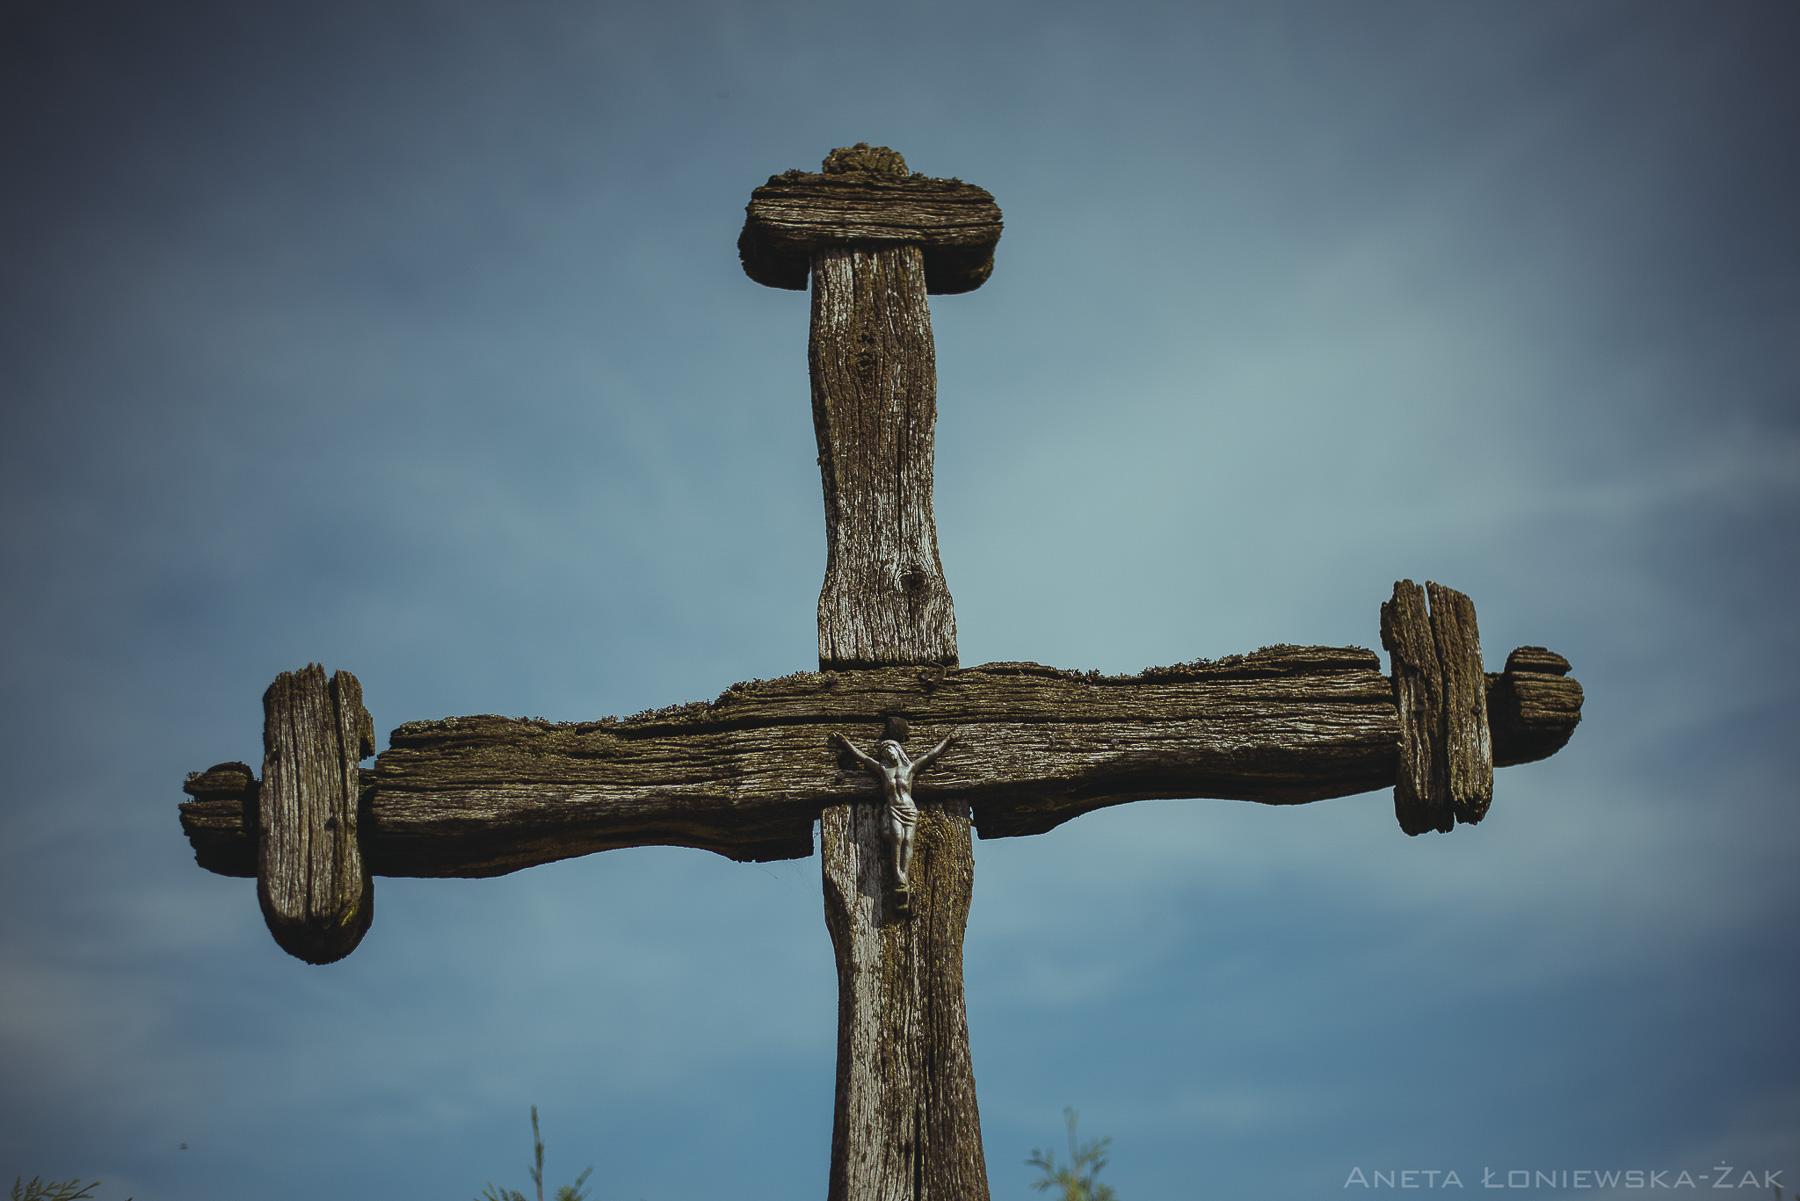 fotografia przyrodnicza, puszcza knyszyńska, podlasie, kopisk, stary krzyż